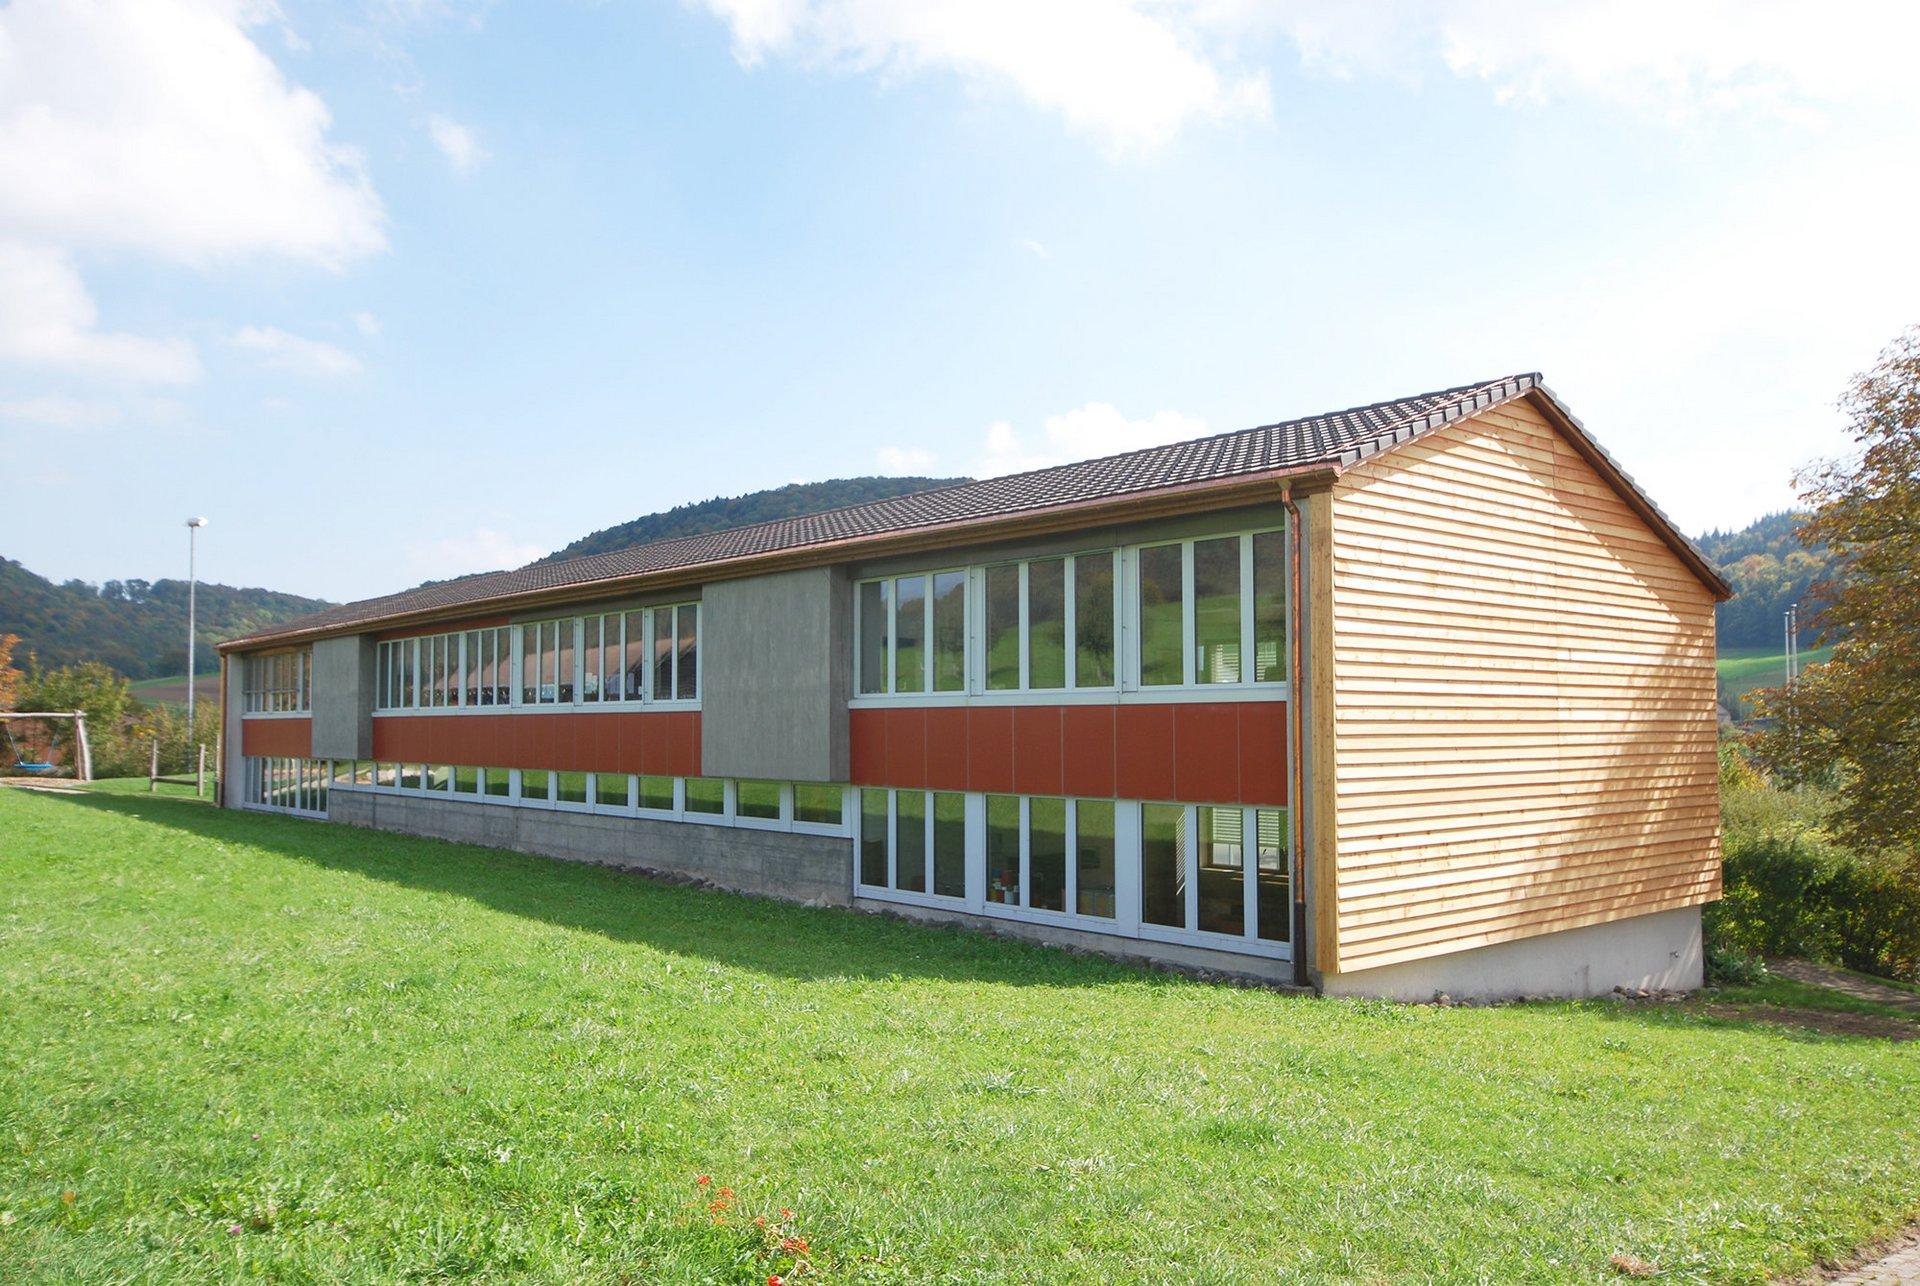 Dämmung von Dach, neue Bedachung mit Tonziegel, Giebelwanddämmung und Verkleidung mit Lärchenschalung aus dem Fricktal. Photovoltaik-Anlage.